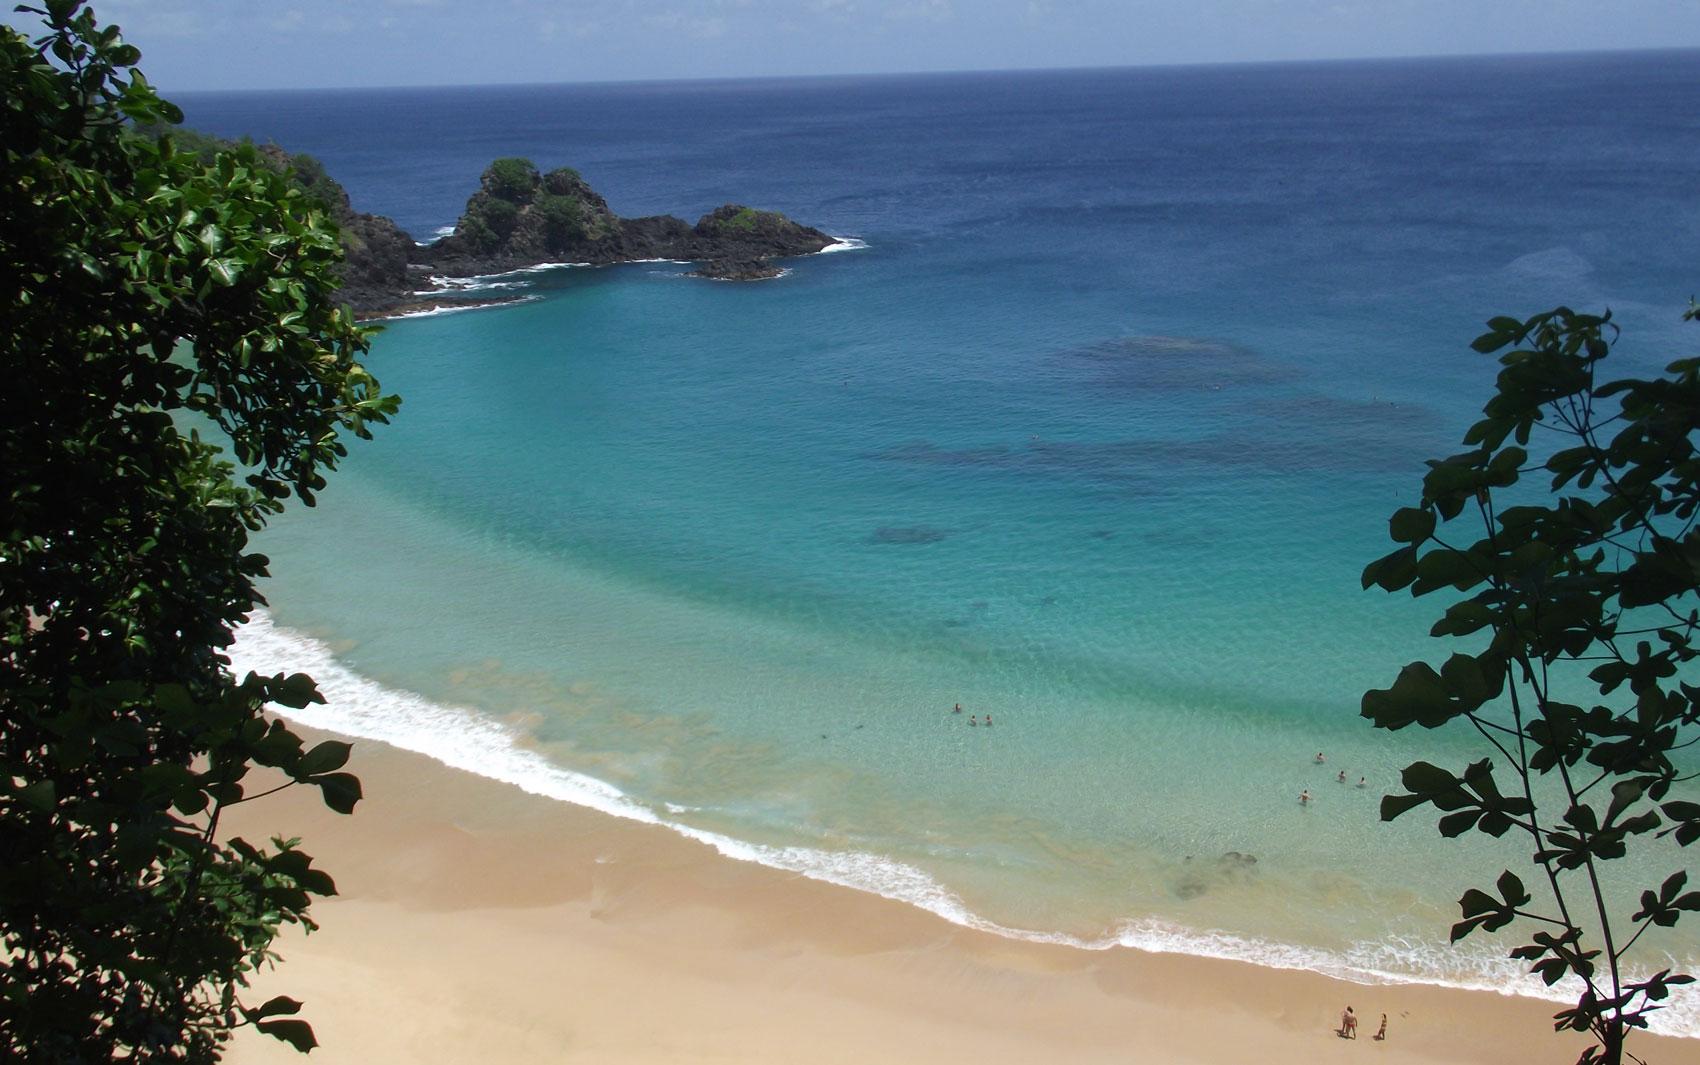 Baía do Sancho, em Fernando de Noronha, foi eleita a mais bonita do mundo por internautas do mundo inteiro.